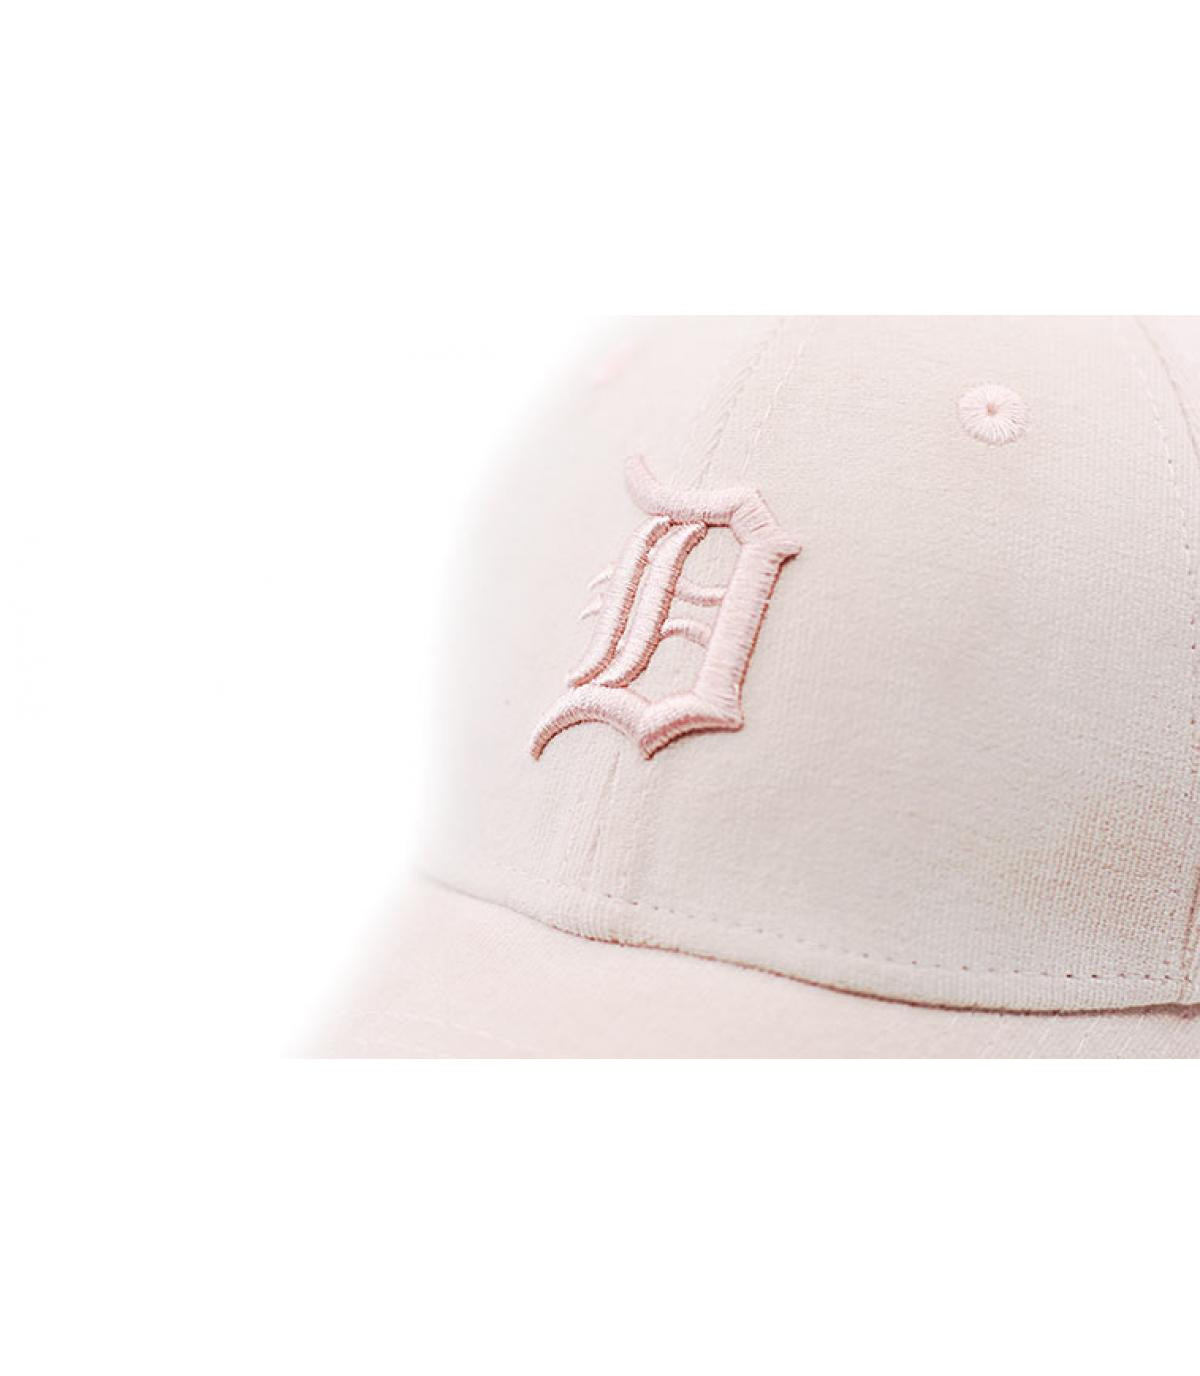 Détails Casquette Wmns Micro Cord Detroit pink - image 3